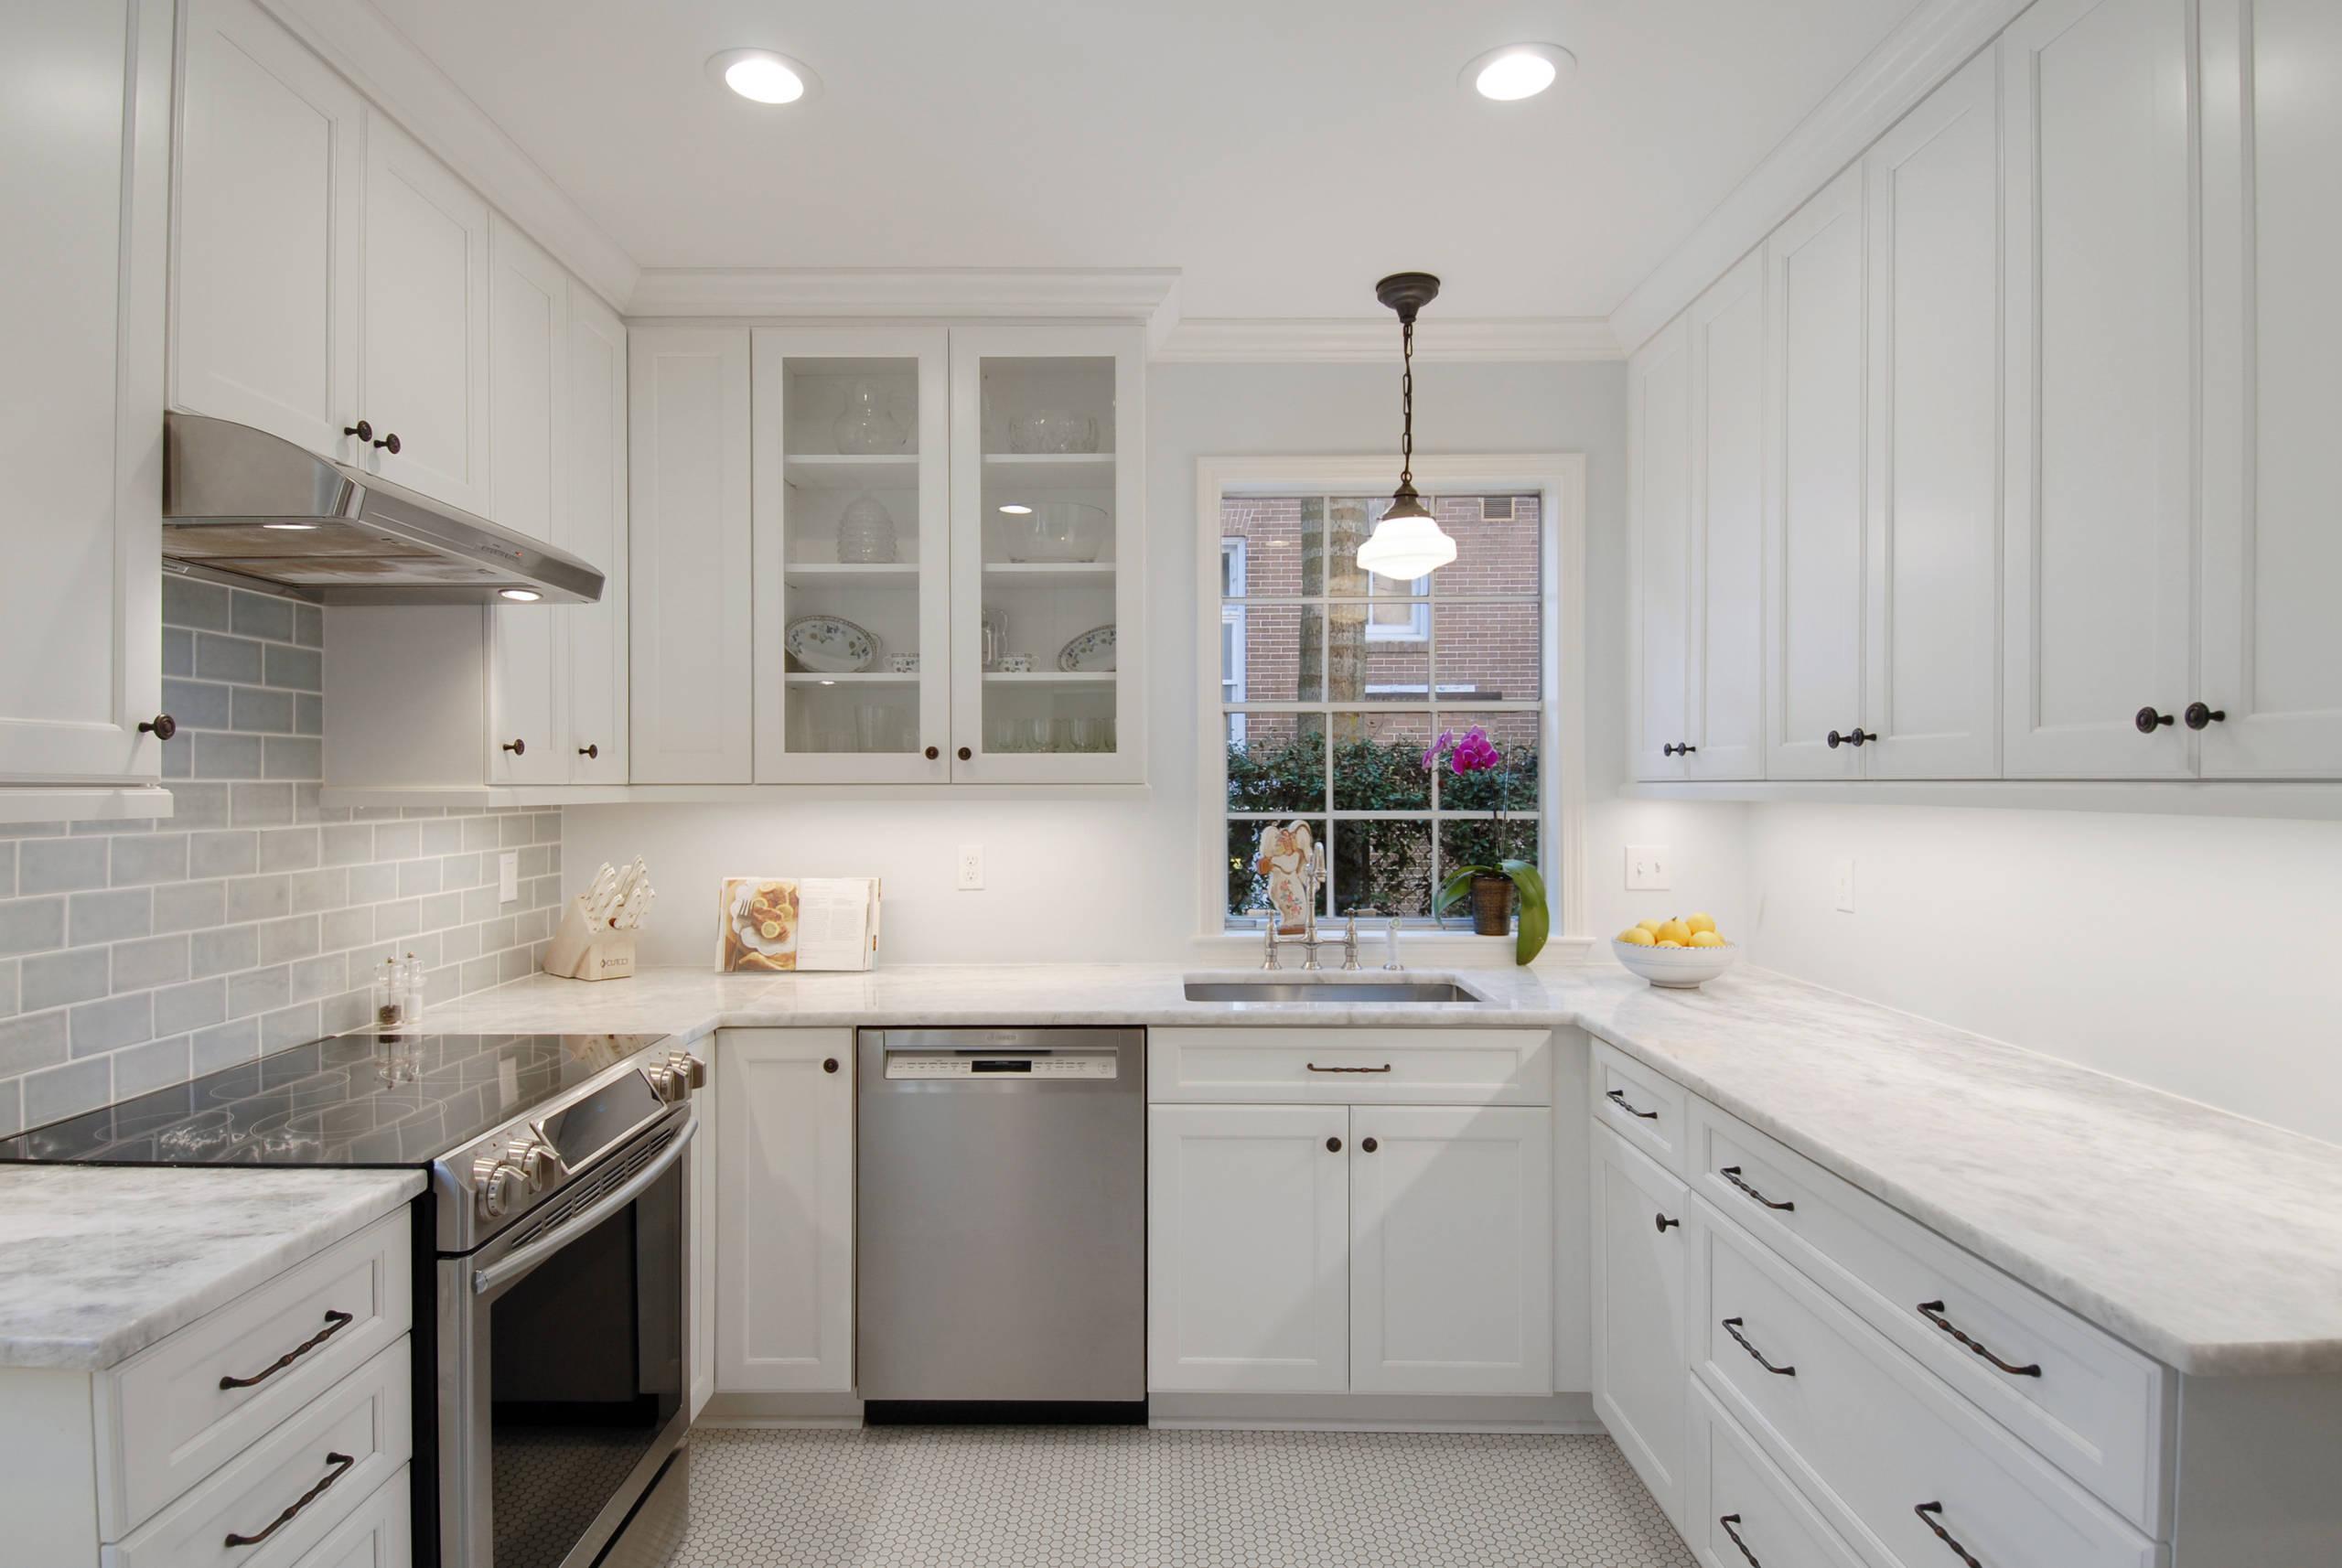 Uptown Condo Kitchen Renovation